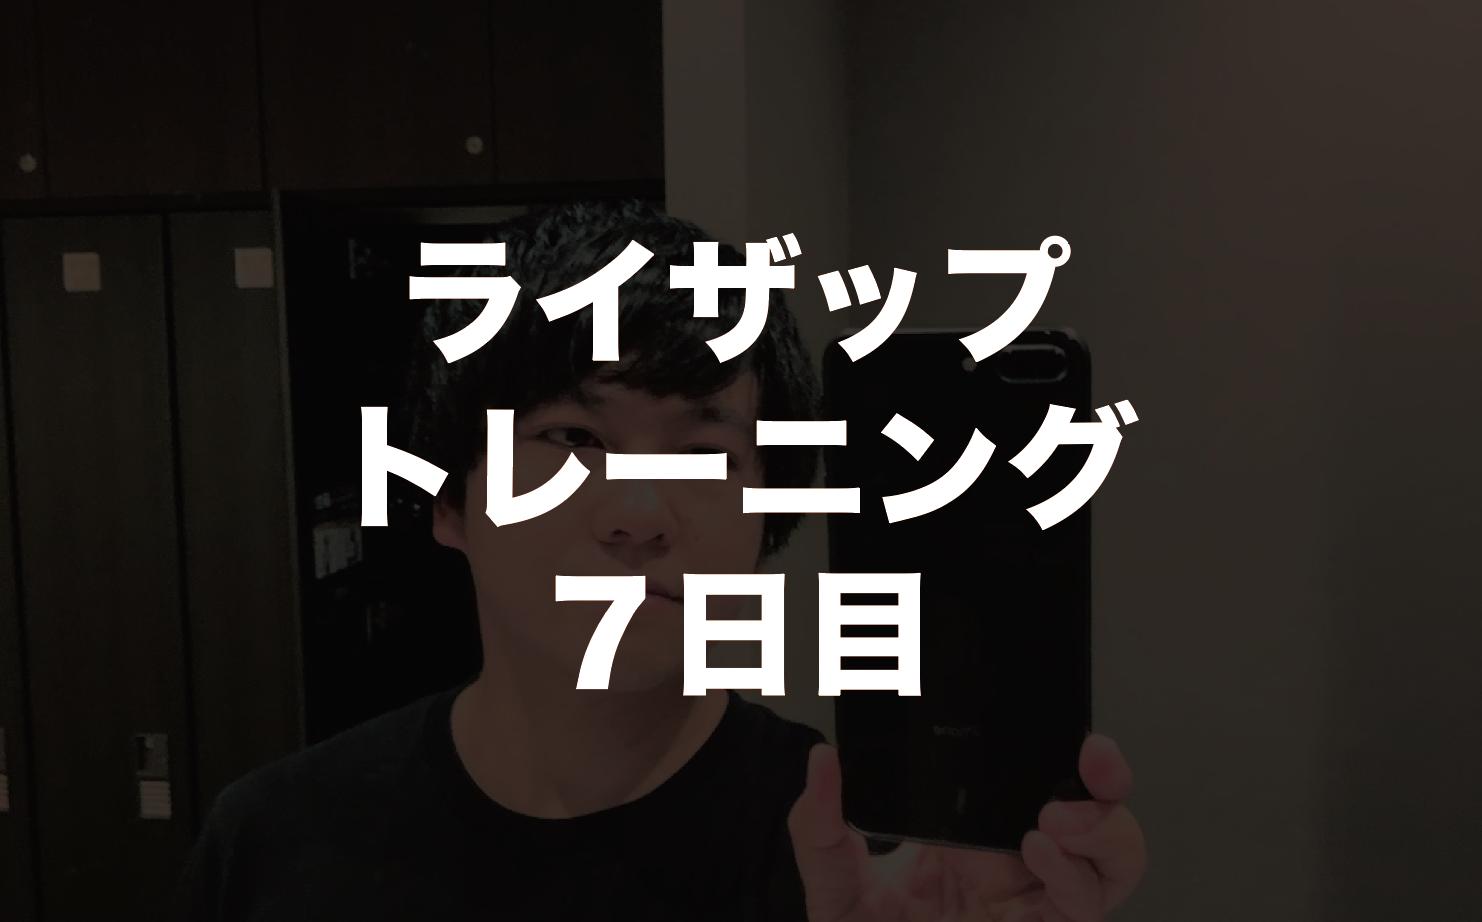 ライザップトレーニング7日目